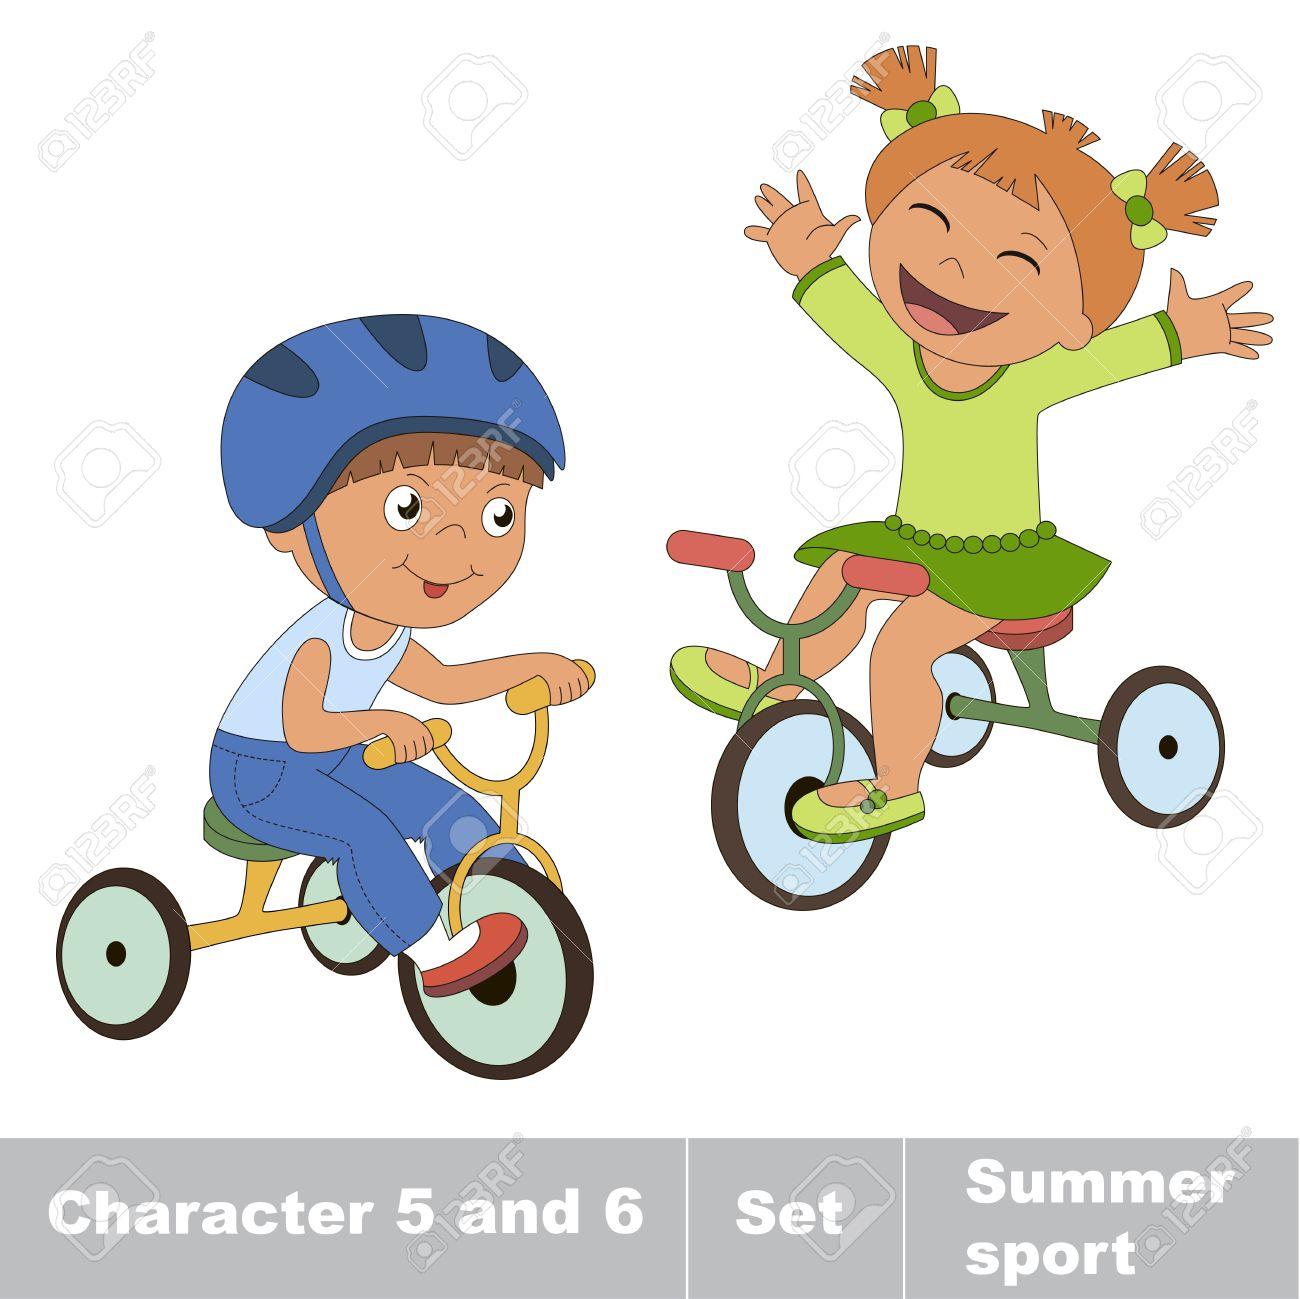 diseño novedoso fotos nuevas Para estrenar Dos niño y niña andar en bicicleta. Verano juegos al aire libre para los  niños. Niños deporte verano.